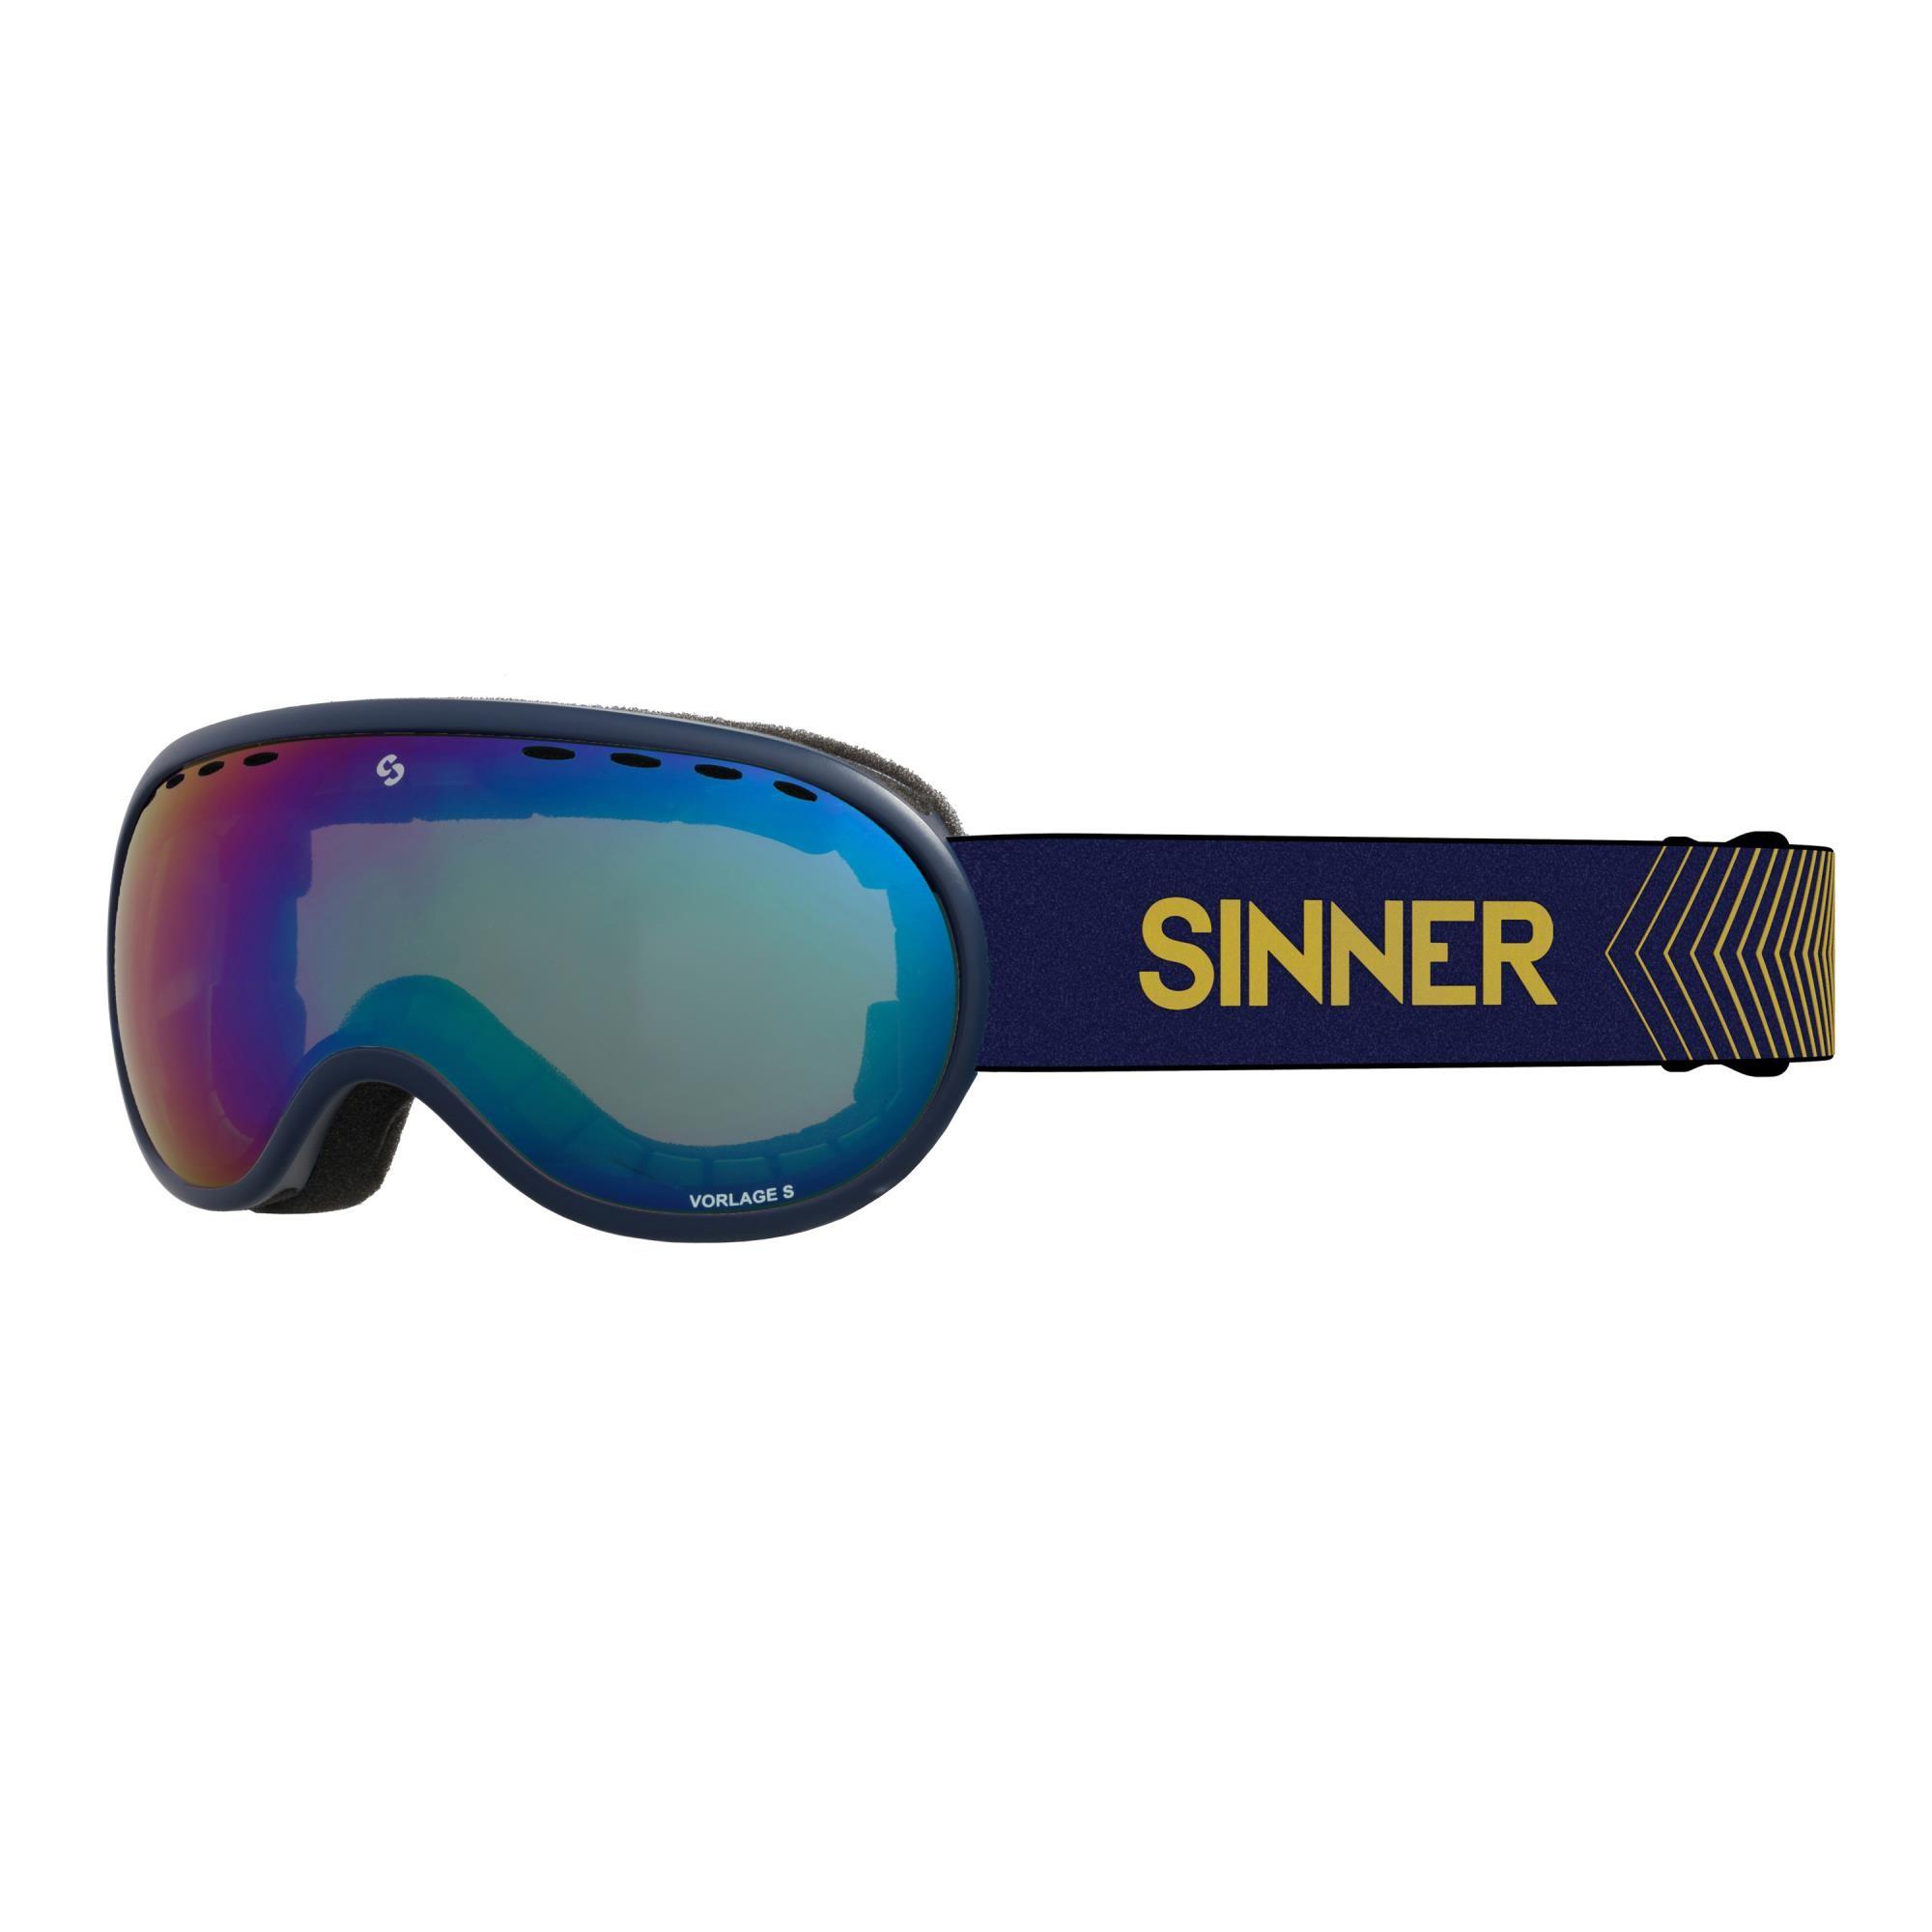 Sinner Vorlage Skibril - Donkerblauw - Volledig Blauwe Spiegellens